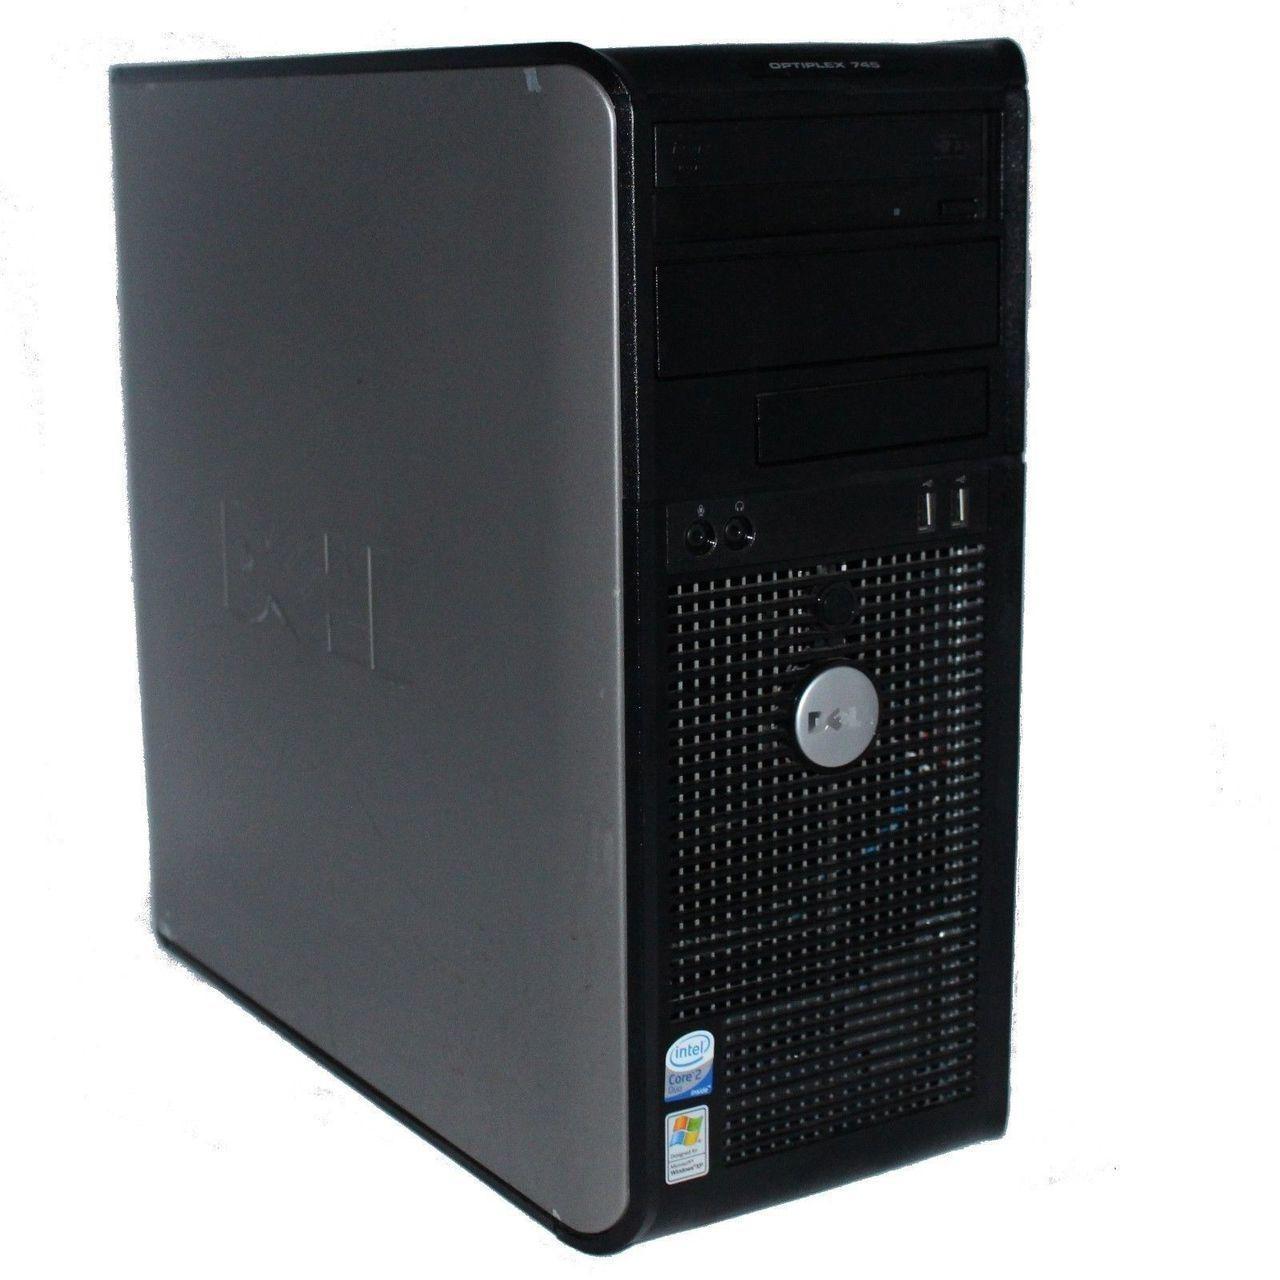 Системный блок, компьютер, Intel Core 2 Duo, 2 ядра по 2,4 Ггц, 4 Гб ОЗУ, HDD 500 Гб, видео 1 Гб